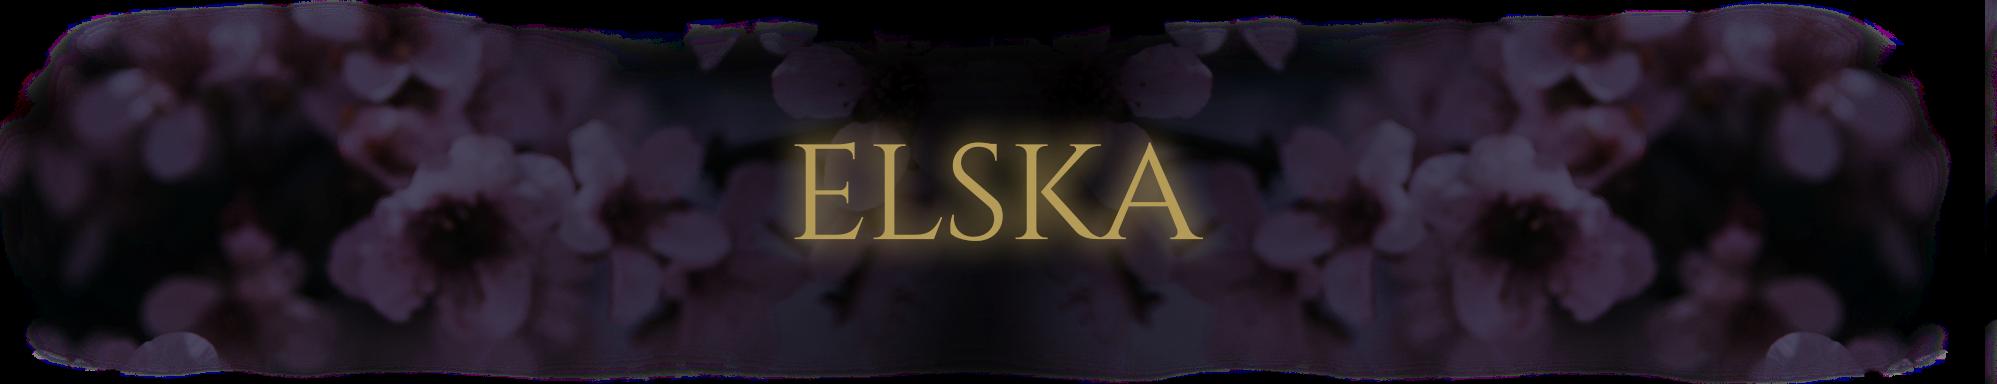 FRIDA. Elska Collection. Banner.